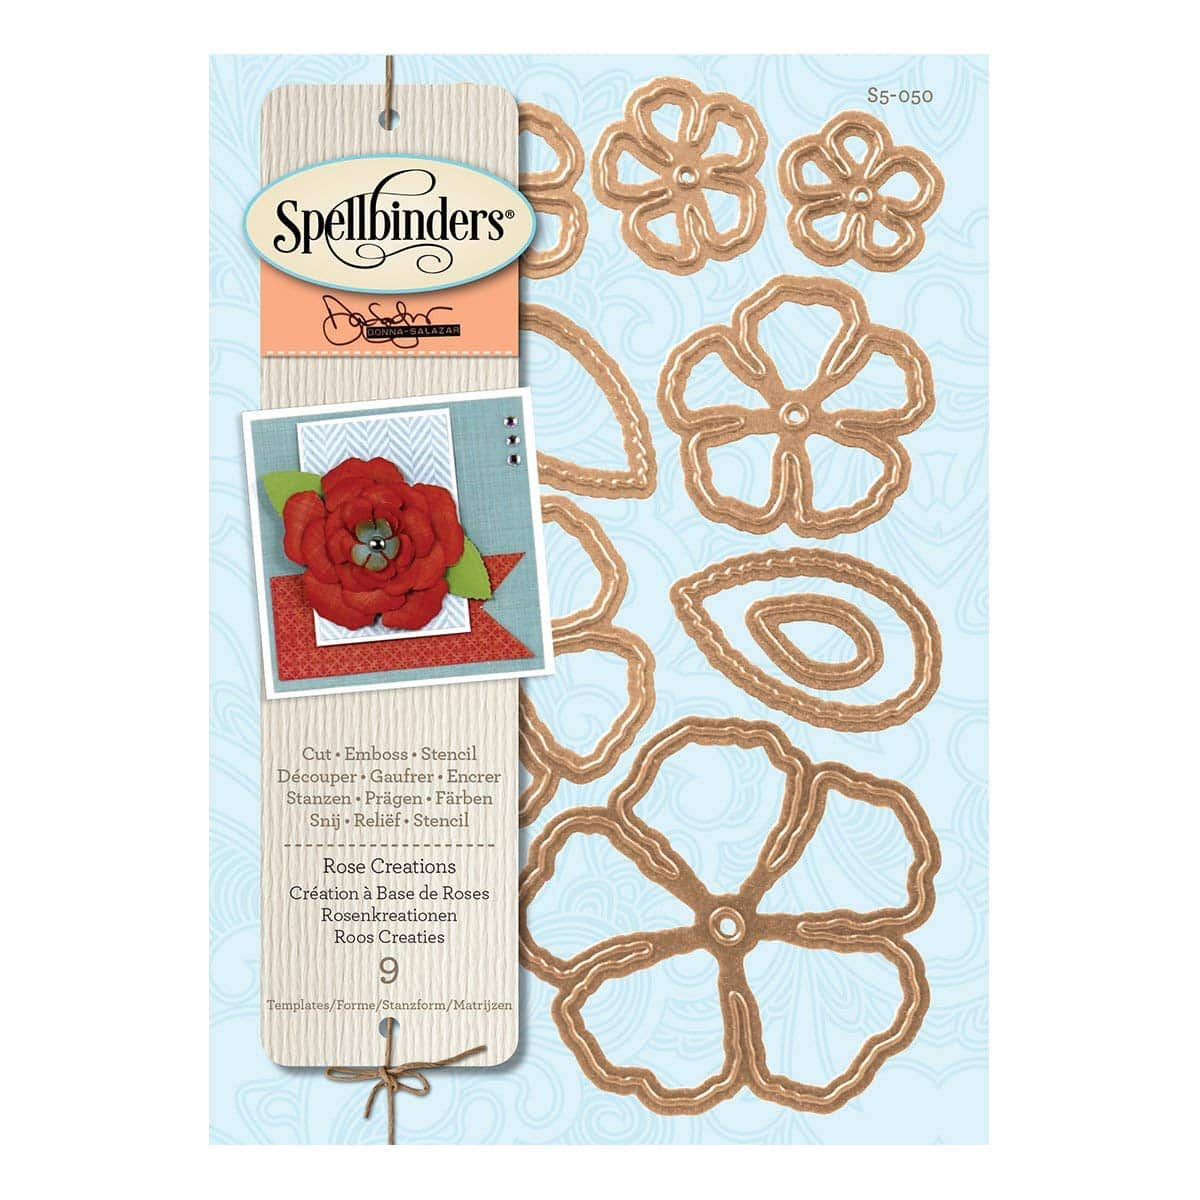 Spellbinders matrice de découpe rose création.